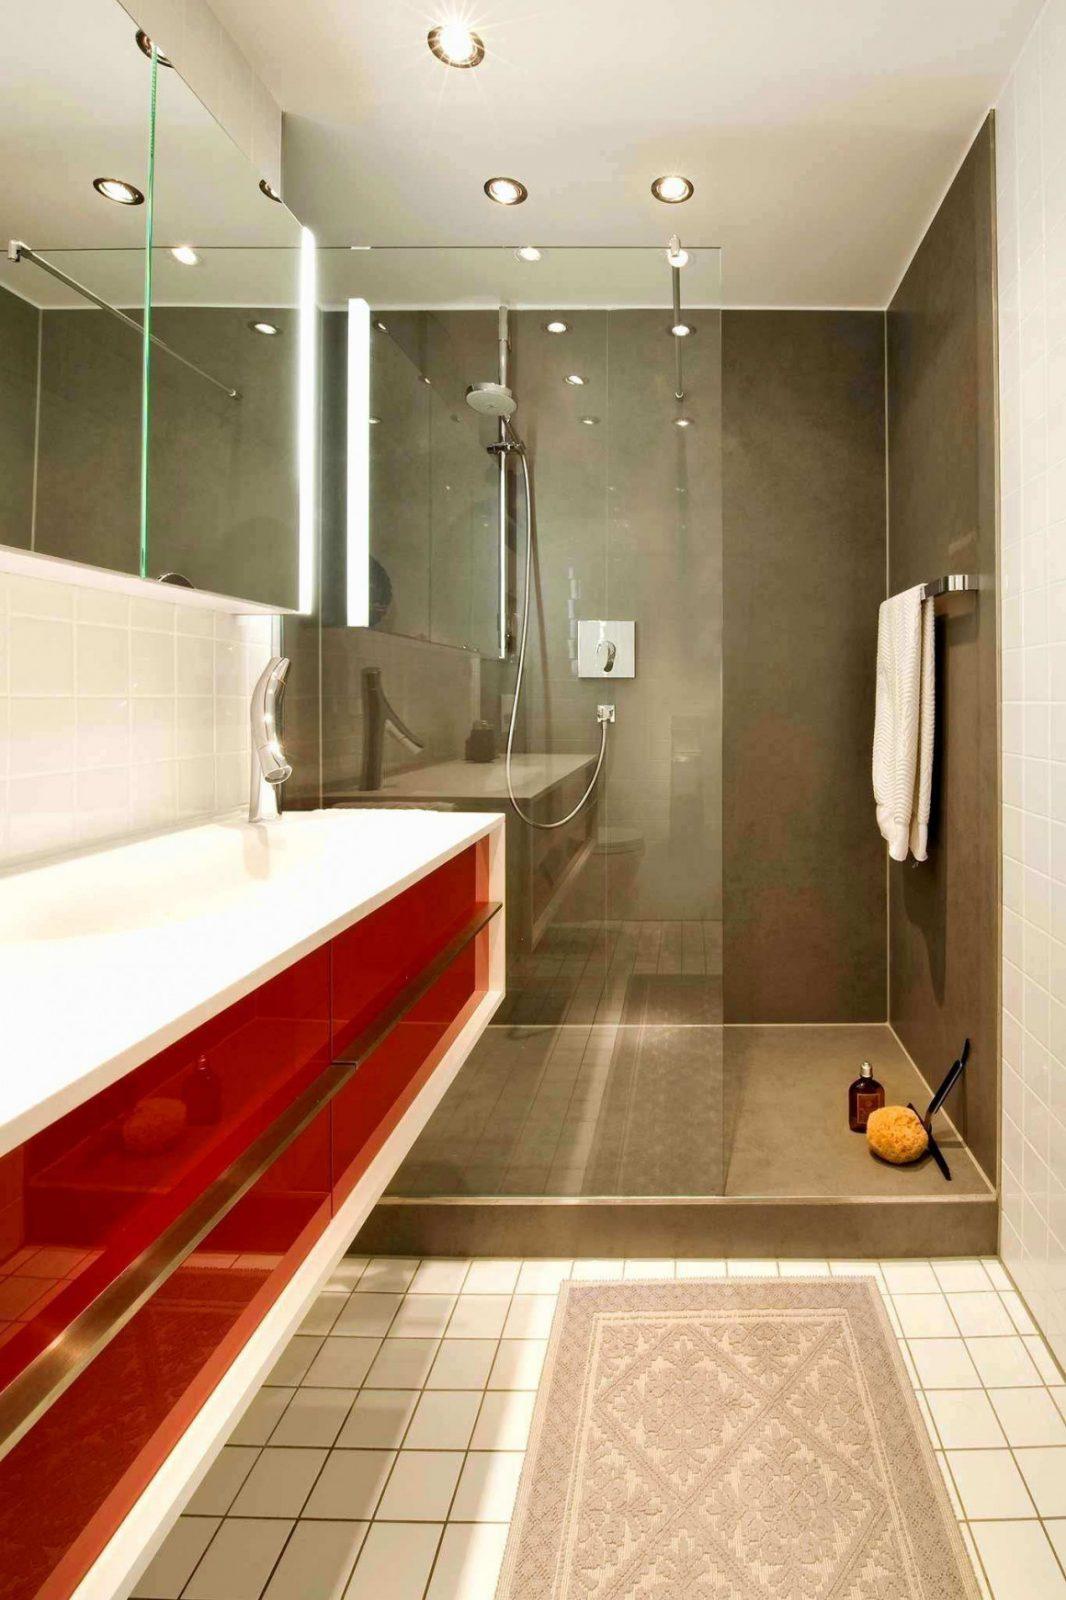 45 Oben Von Von Badezimmer Fliesen Grau Planen  Woodestick von Badezimmer Fliesen Design Ideen Bild